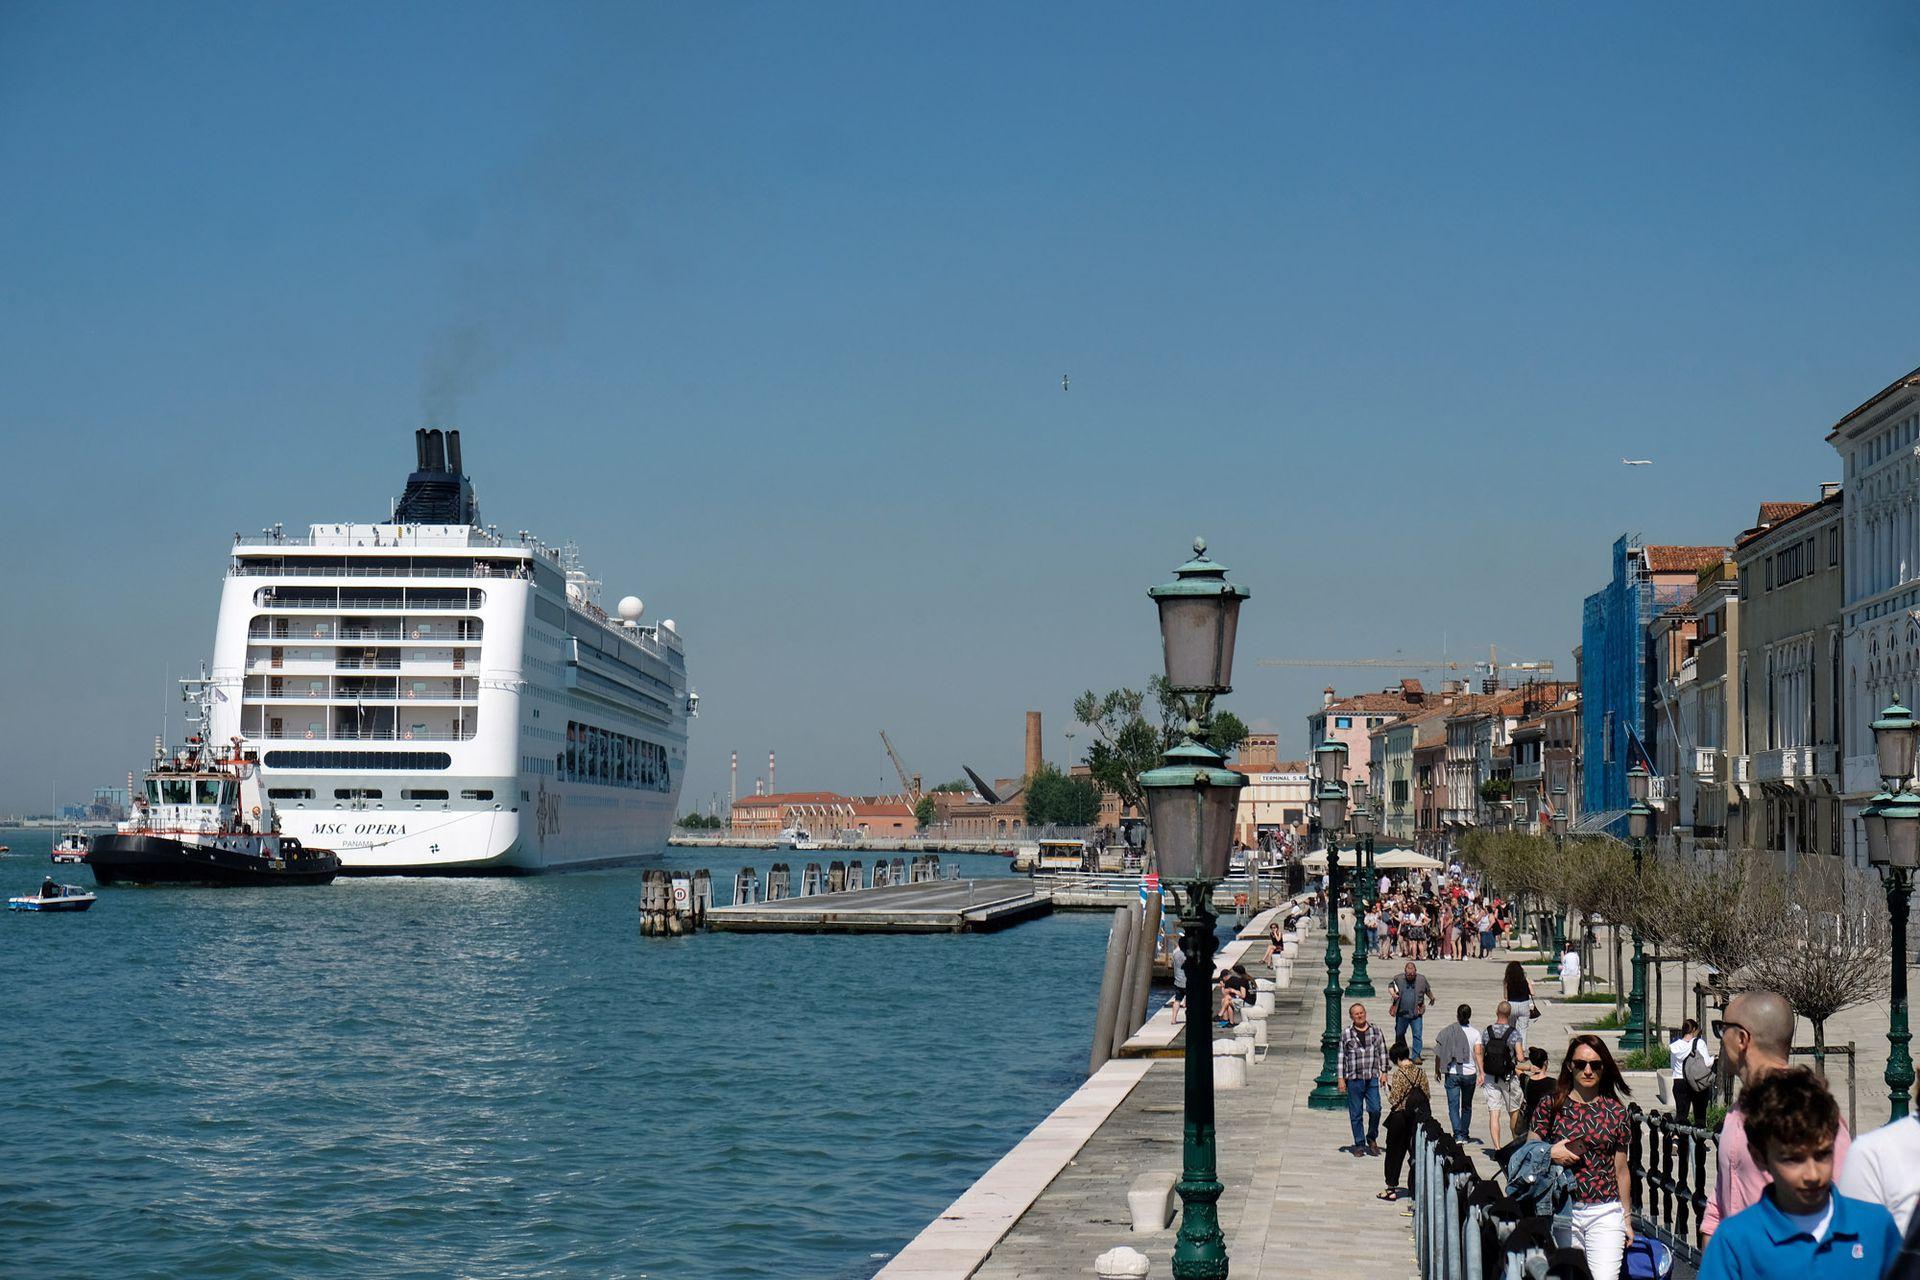 Ante la mirada atónita de los que paseaban por el puerto, el barco avanzaba sobre la costa